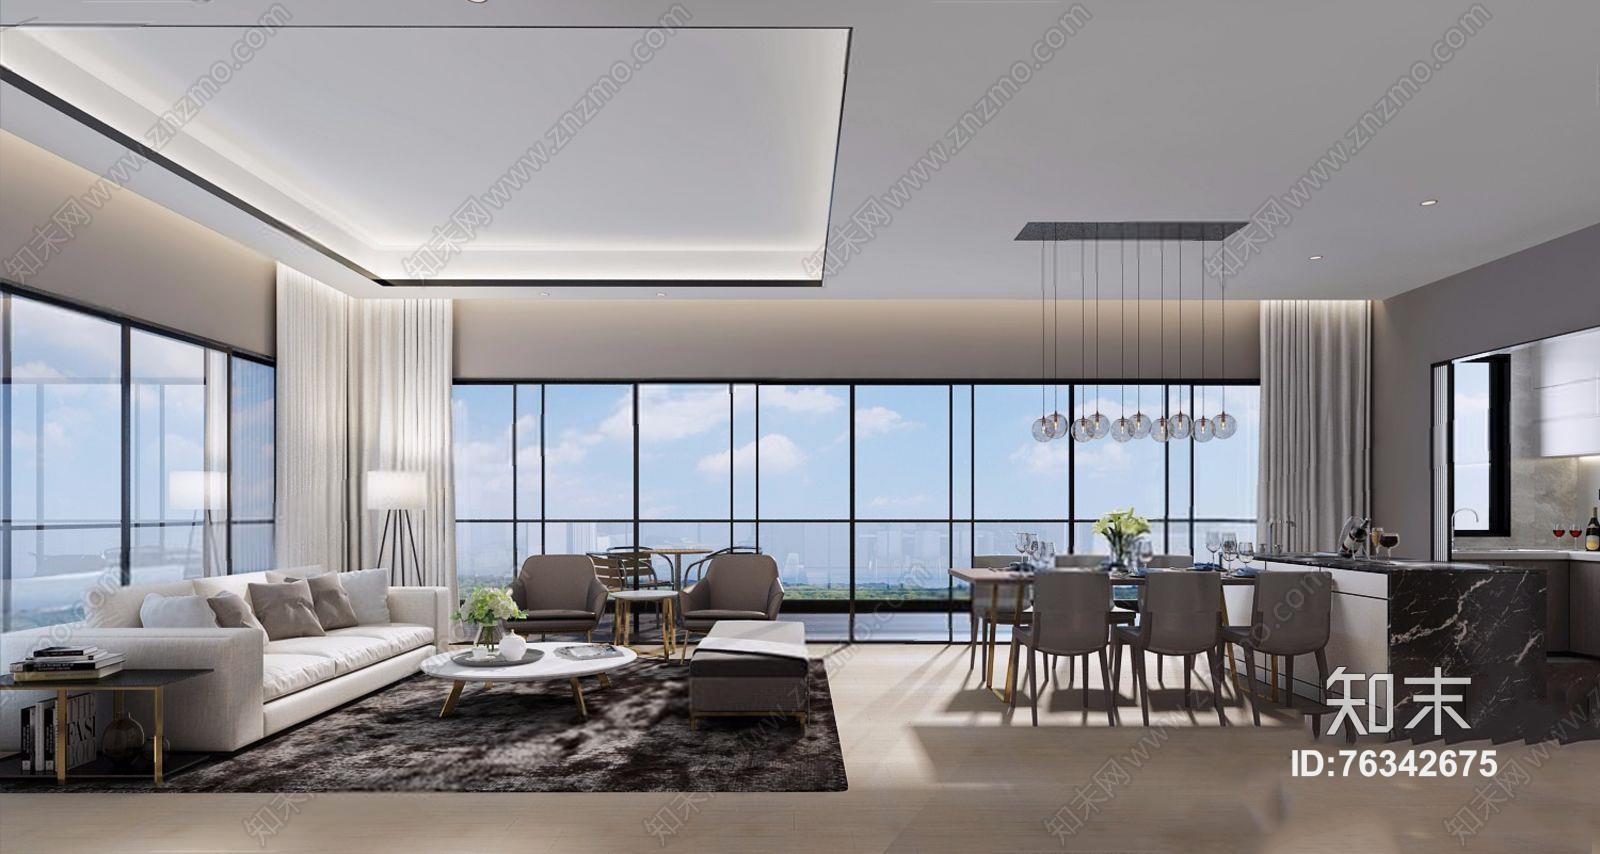 现代客餐厅 现代客厅 多人沙发 茶几 边几 餐桌椅 厨房 吊灯 落地灯 餐具 餐桌椅 电视柜 摆件